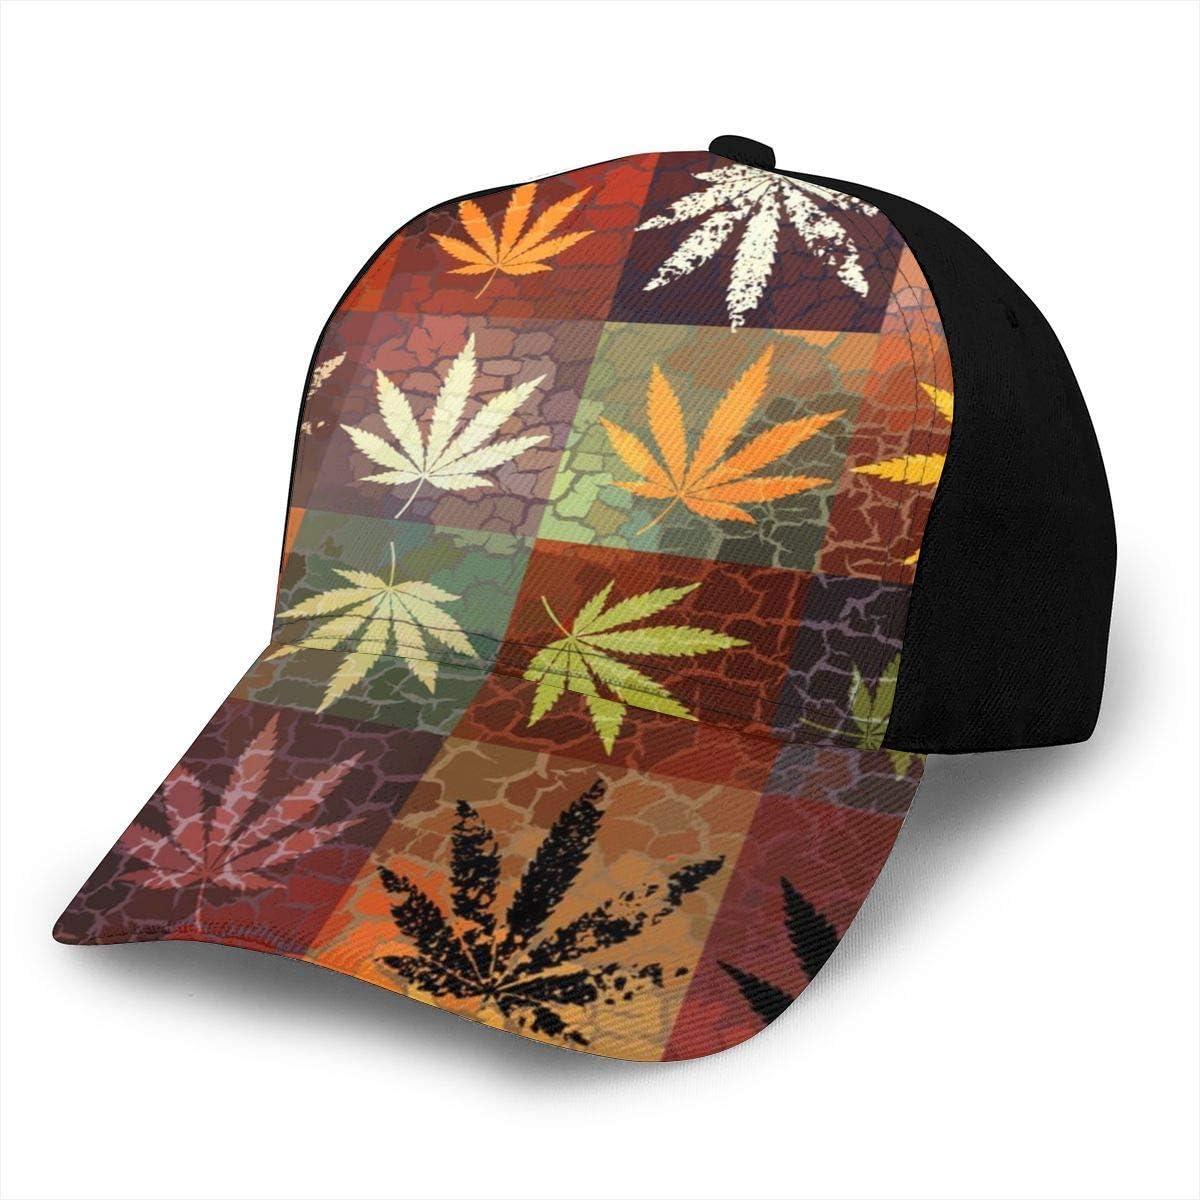 liang4268 Patrón de Hojas de Cannabis Marihuana Hojas de cáñamo de Grunge Gorras de béisbol para Adultos Sombrero de béisbol Ajustable Sombreros de Camionero Unisex